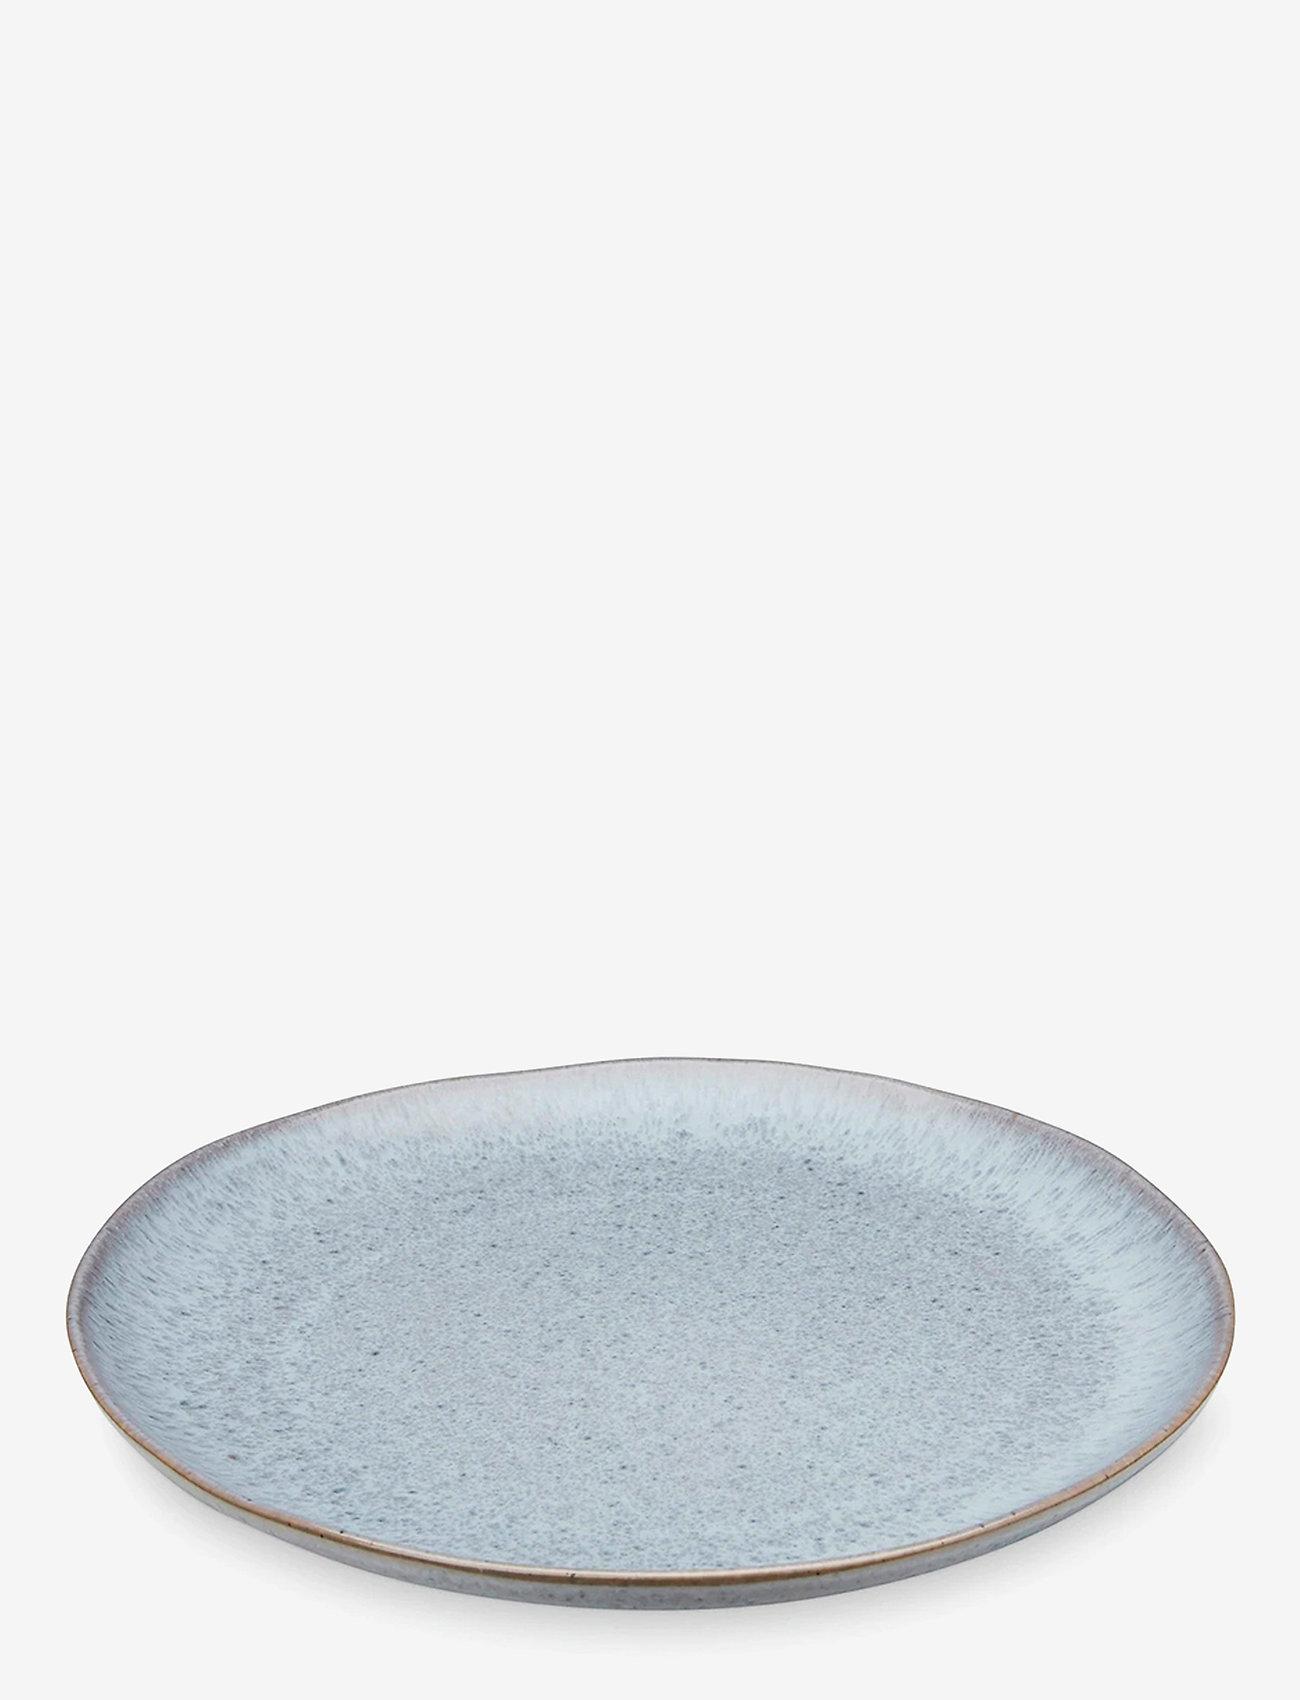 H. Skjalm P. - Copenhagen tallerken - middagstallerkner - grey - 0